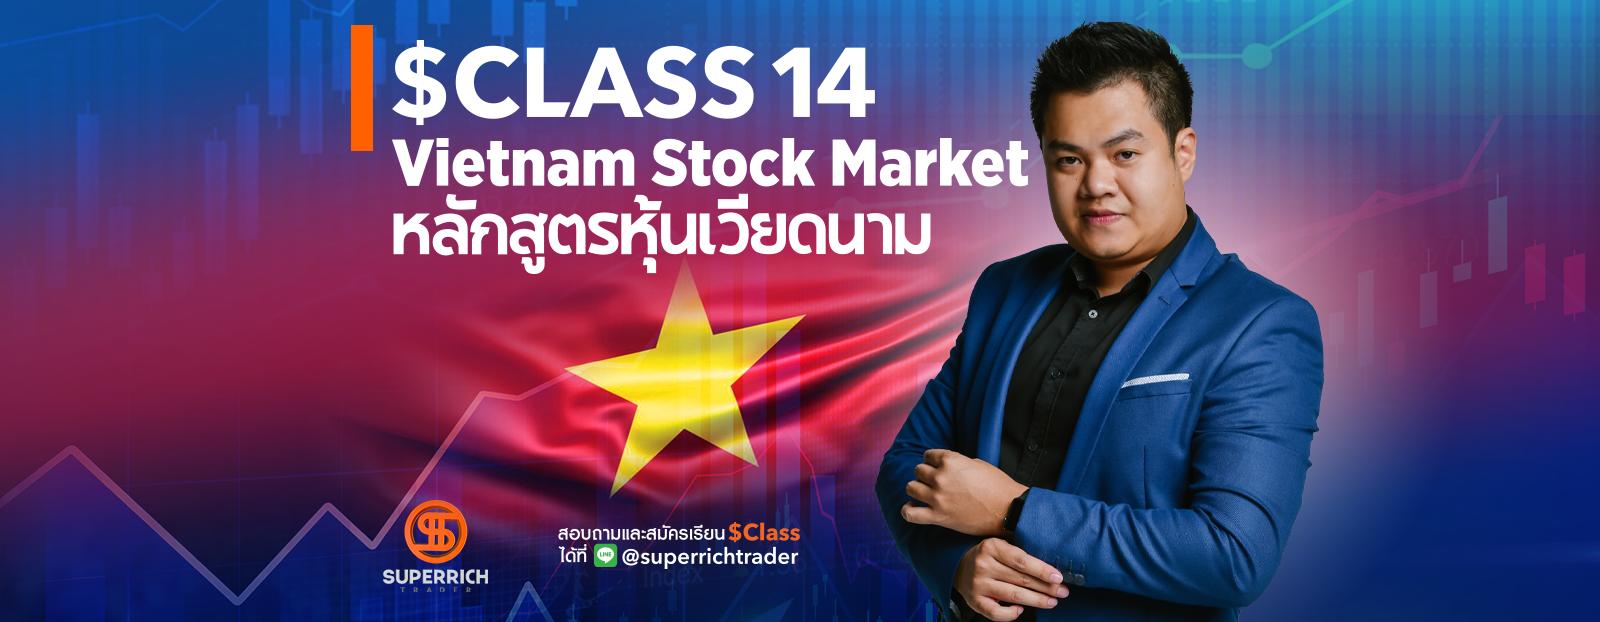 $Class14 : Vietnam Stock Market หลักสูตรหุ้นเวียดนาม